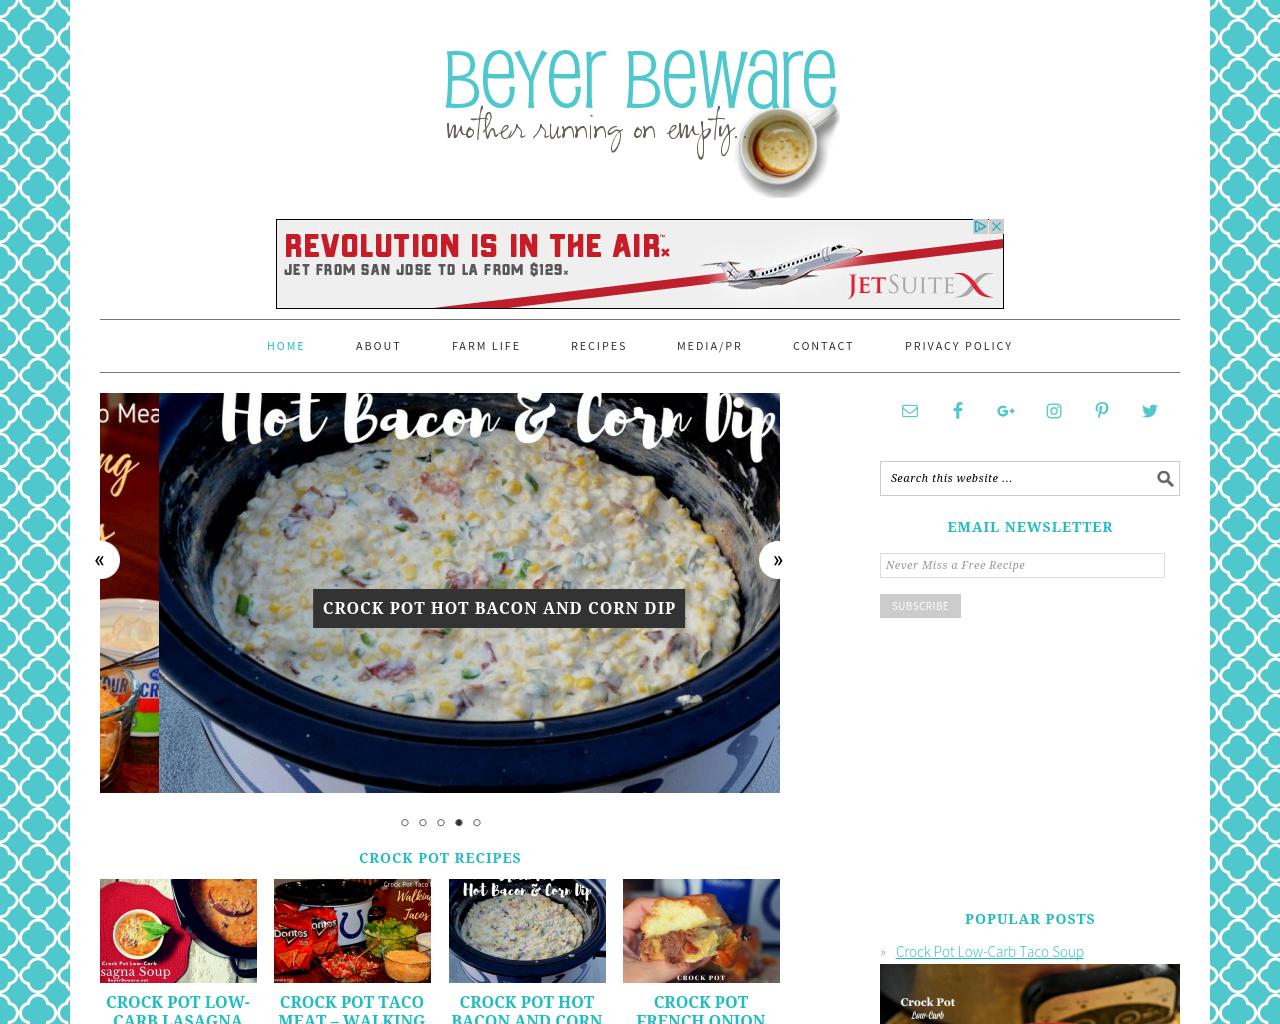 BEYER-BEWARE-Advertising-Reviews-Pricing